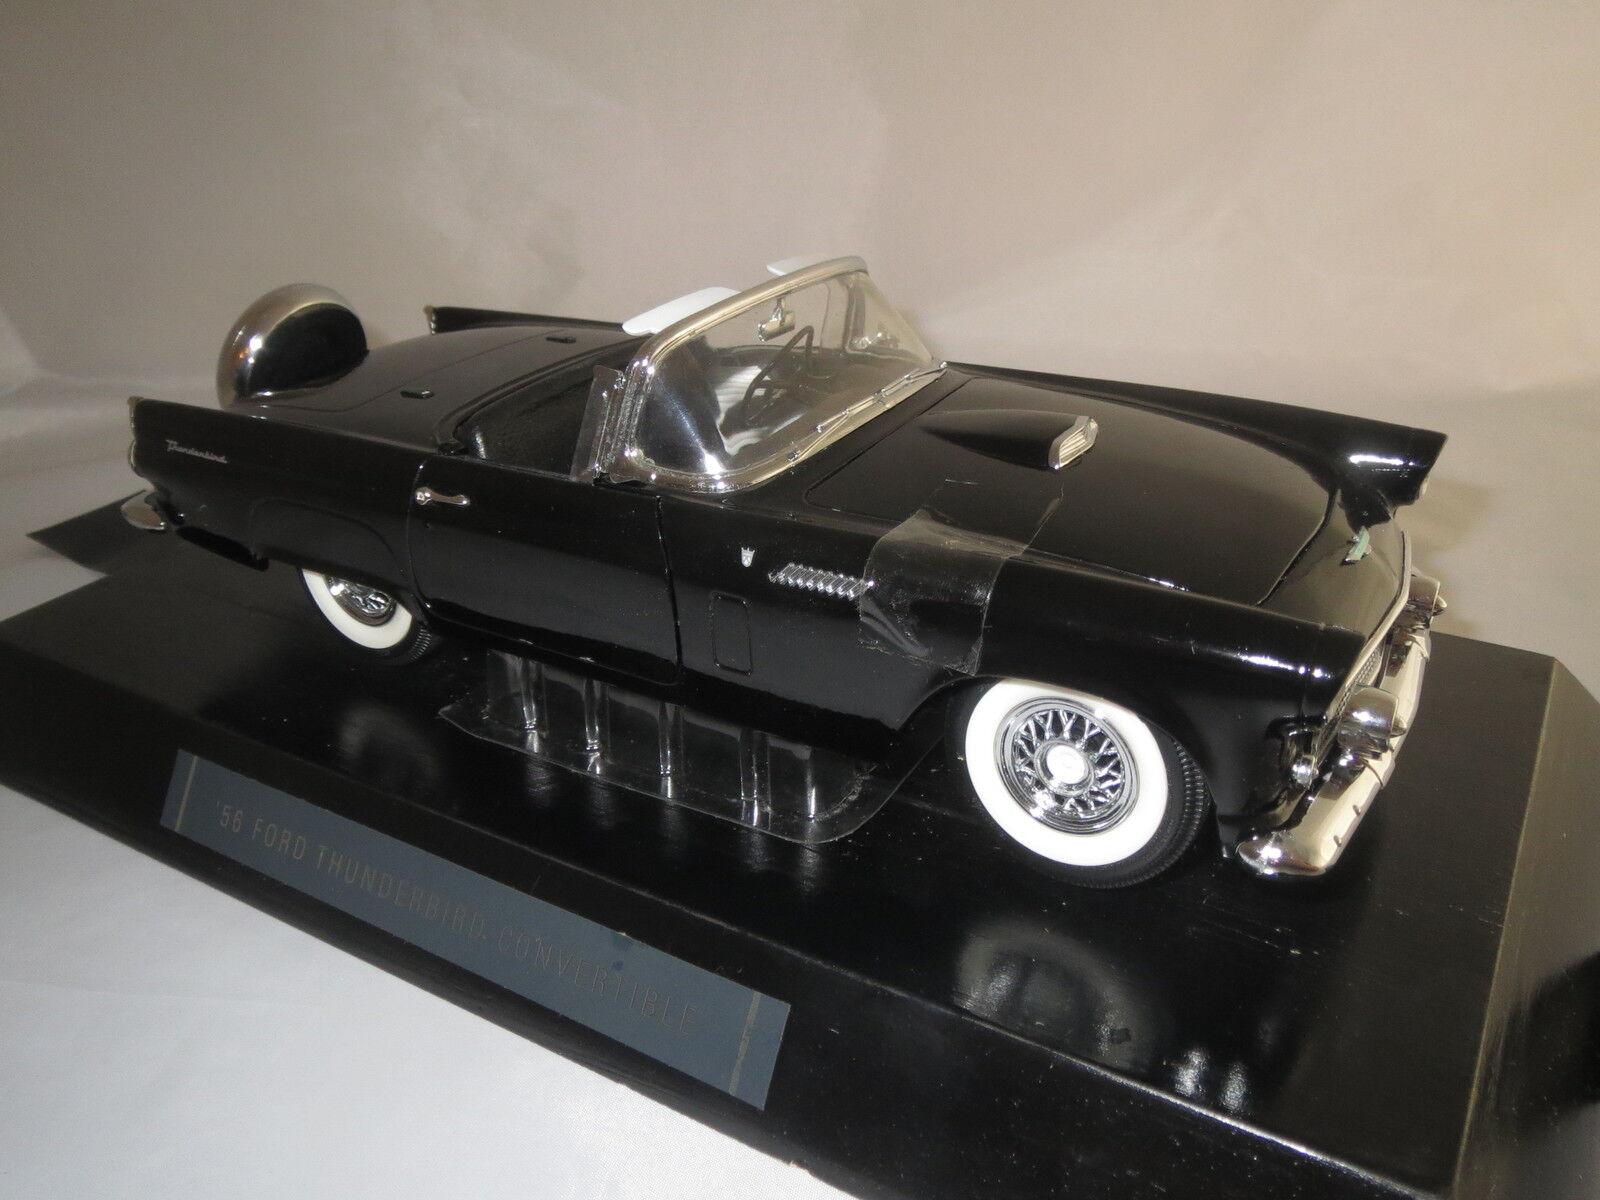 Revell 8818  56 Ford thunderbird Convertible Noir (7) 1 18 OVP